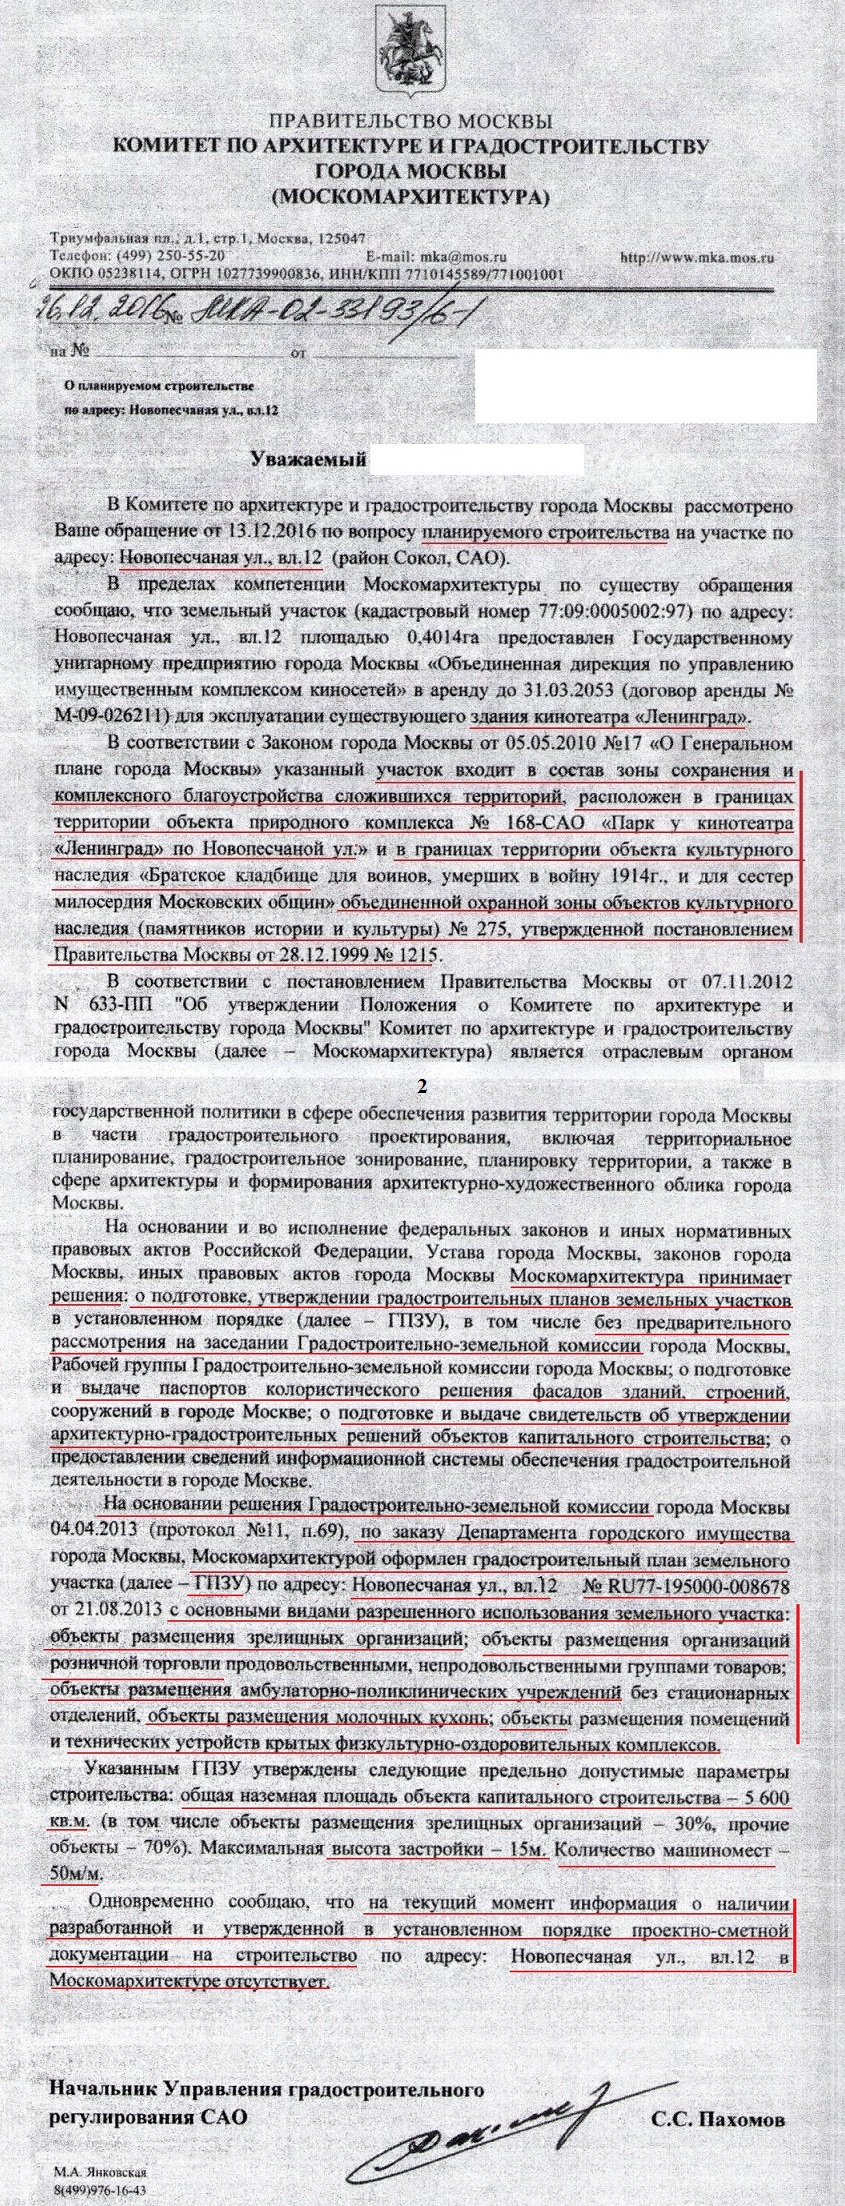 Фракция КПРФ и Комитет Госдумы по обороне заступились за Мемориальный парк героев Первой мировой. 0_1761ac_bfeb635_orig